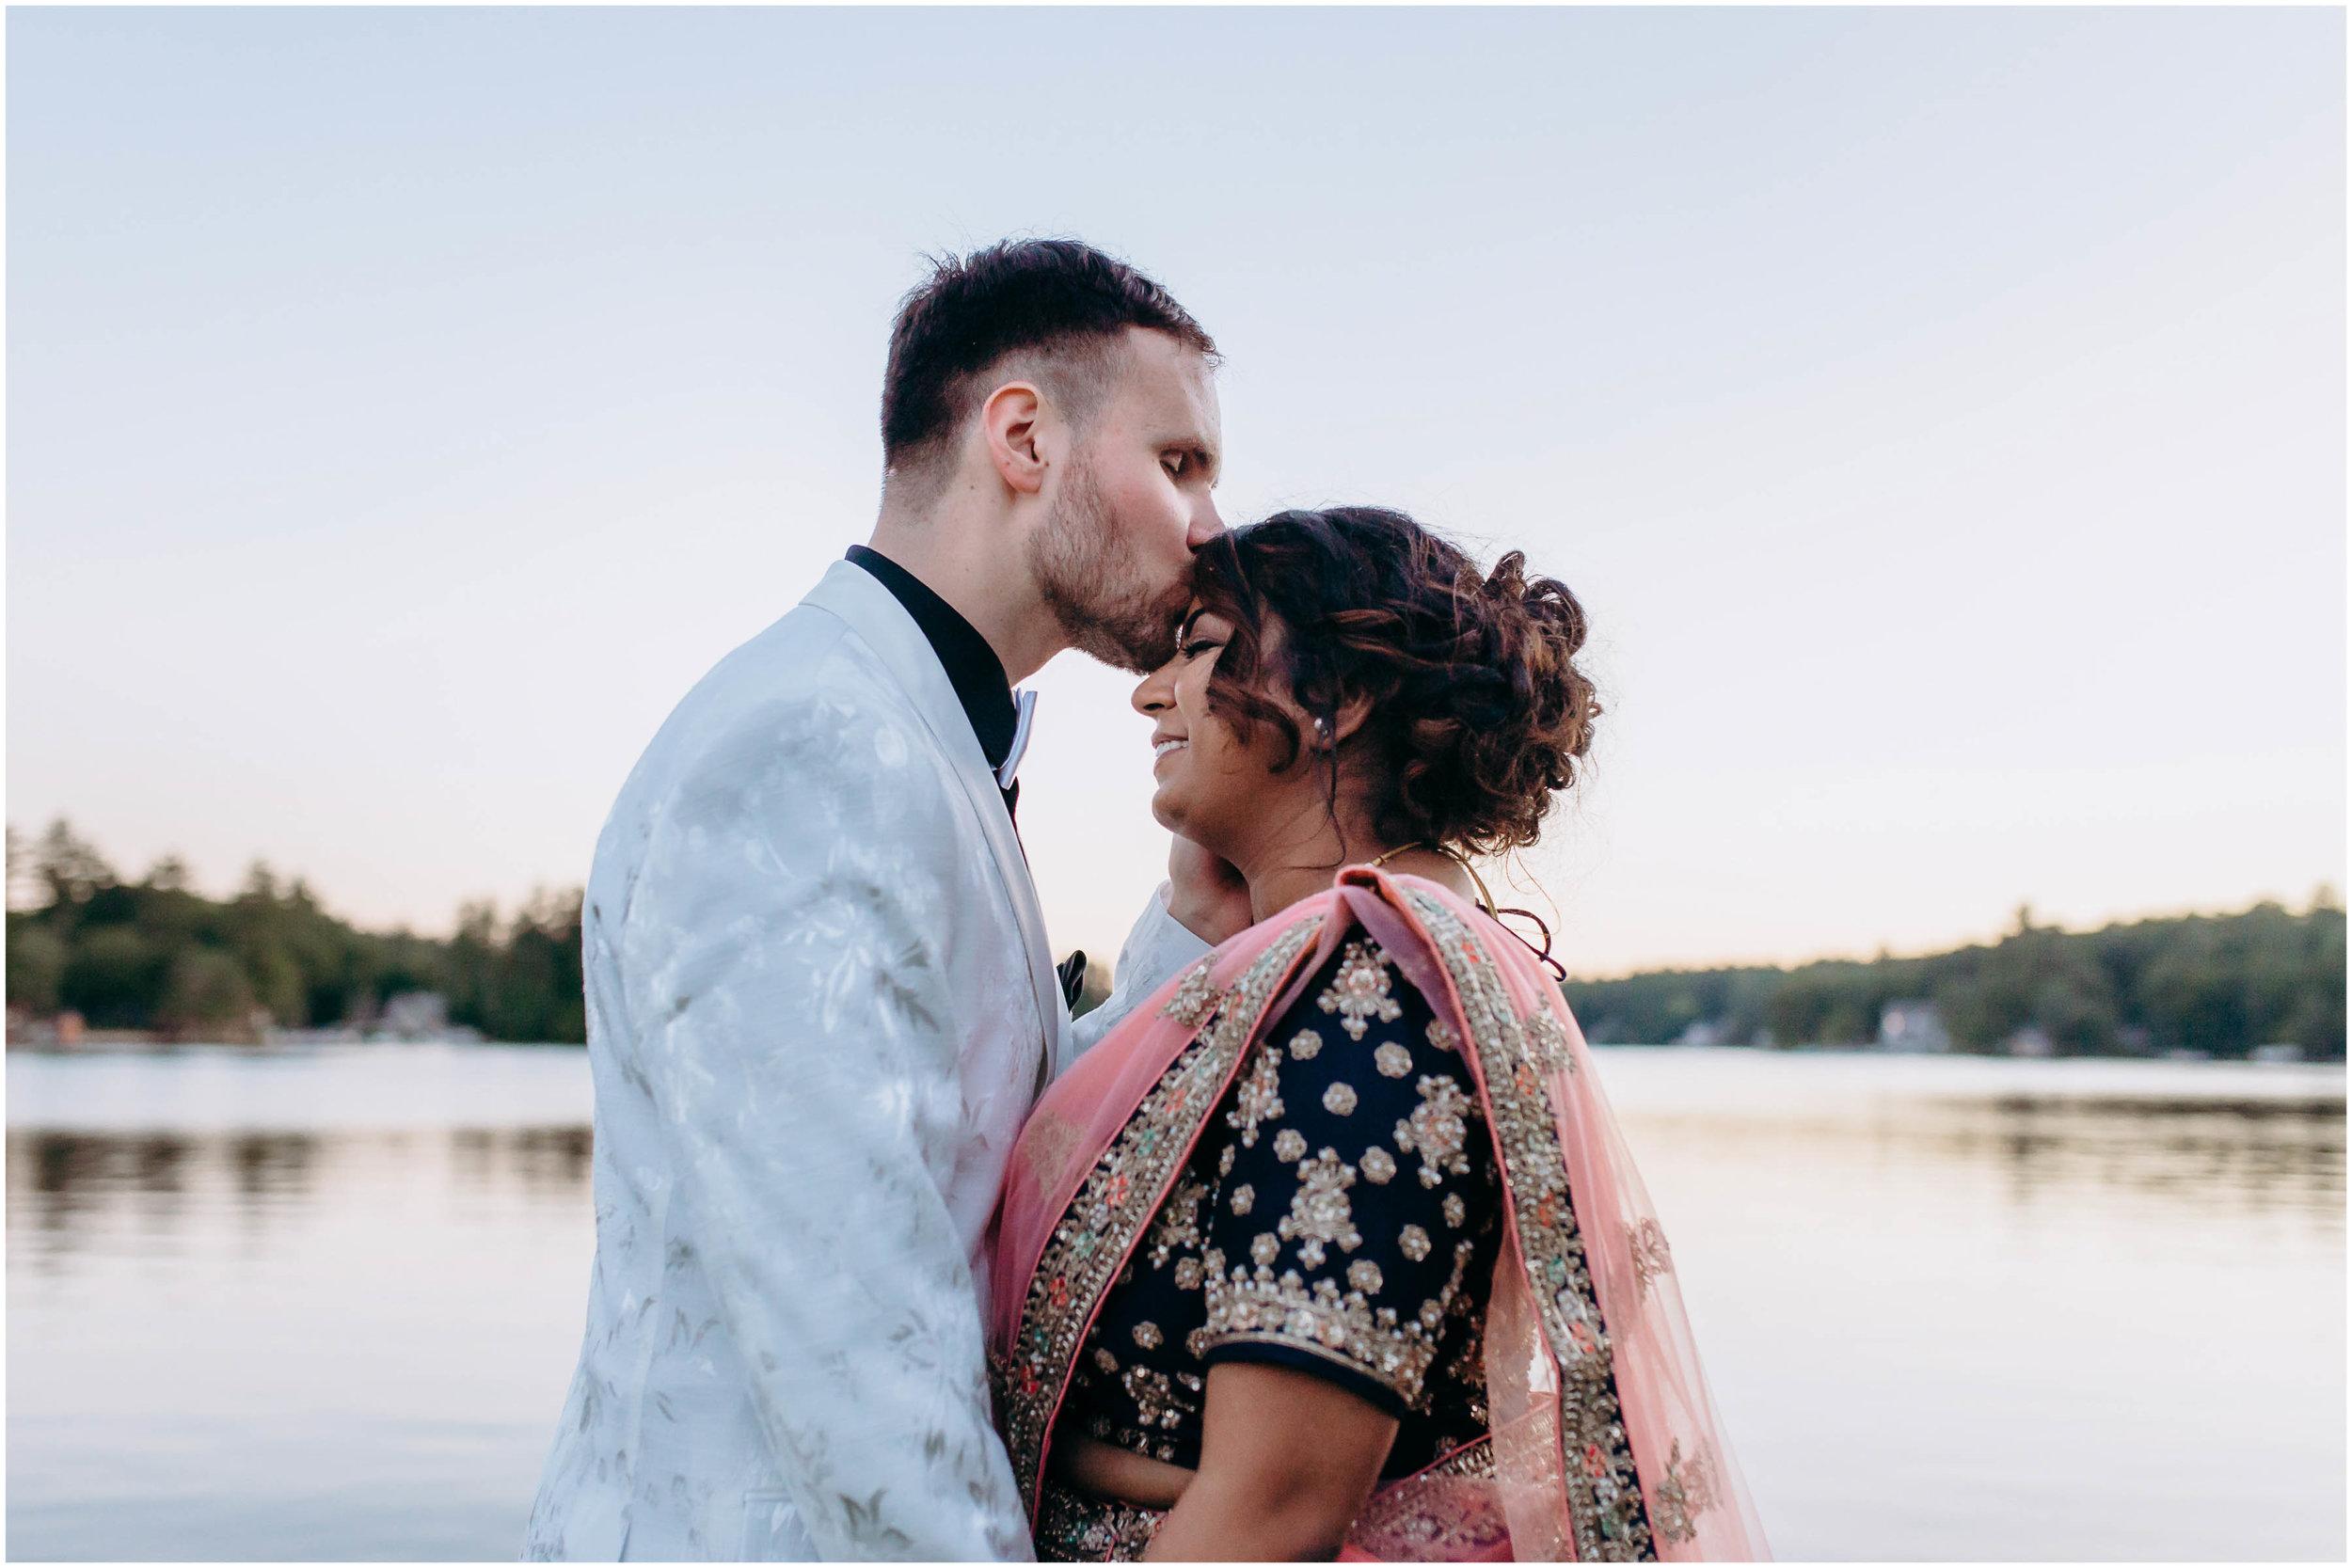 NH wedding photography, NH wedding photographer, wedding photographer NH, wedding photographers NH, wedding photography NH, Castleton, Windham, groom kissing bride's head